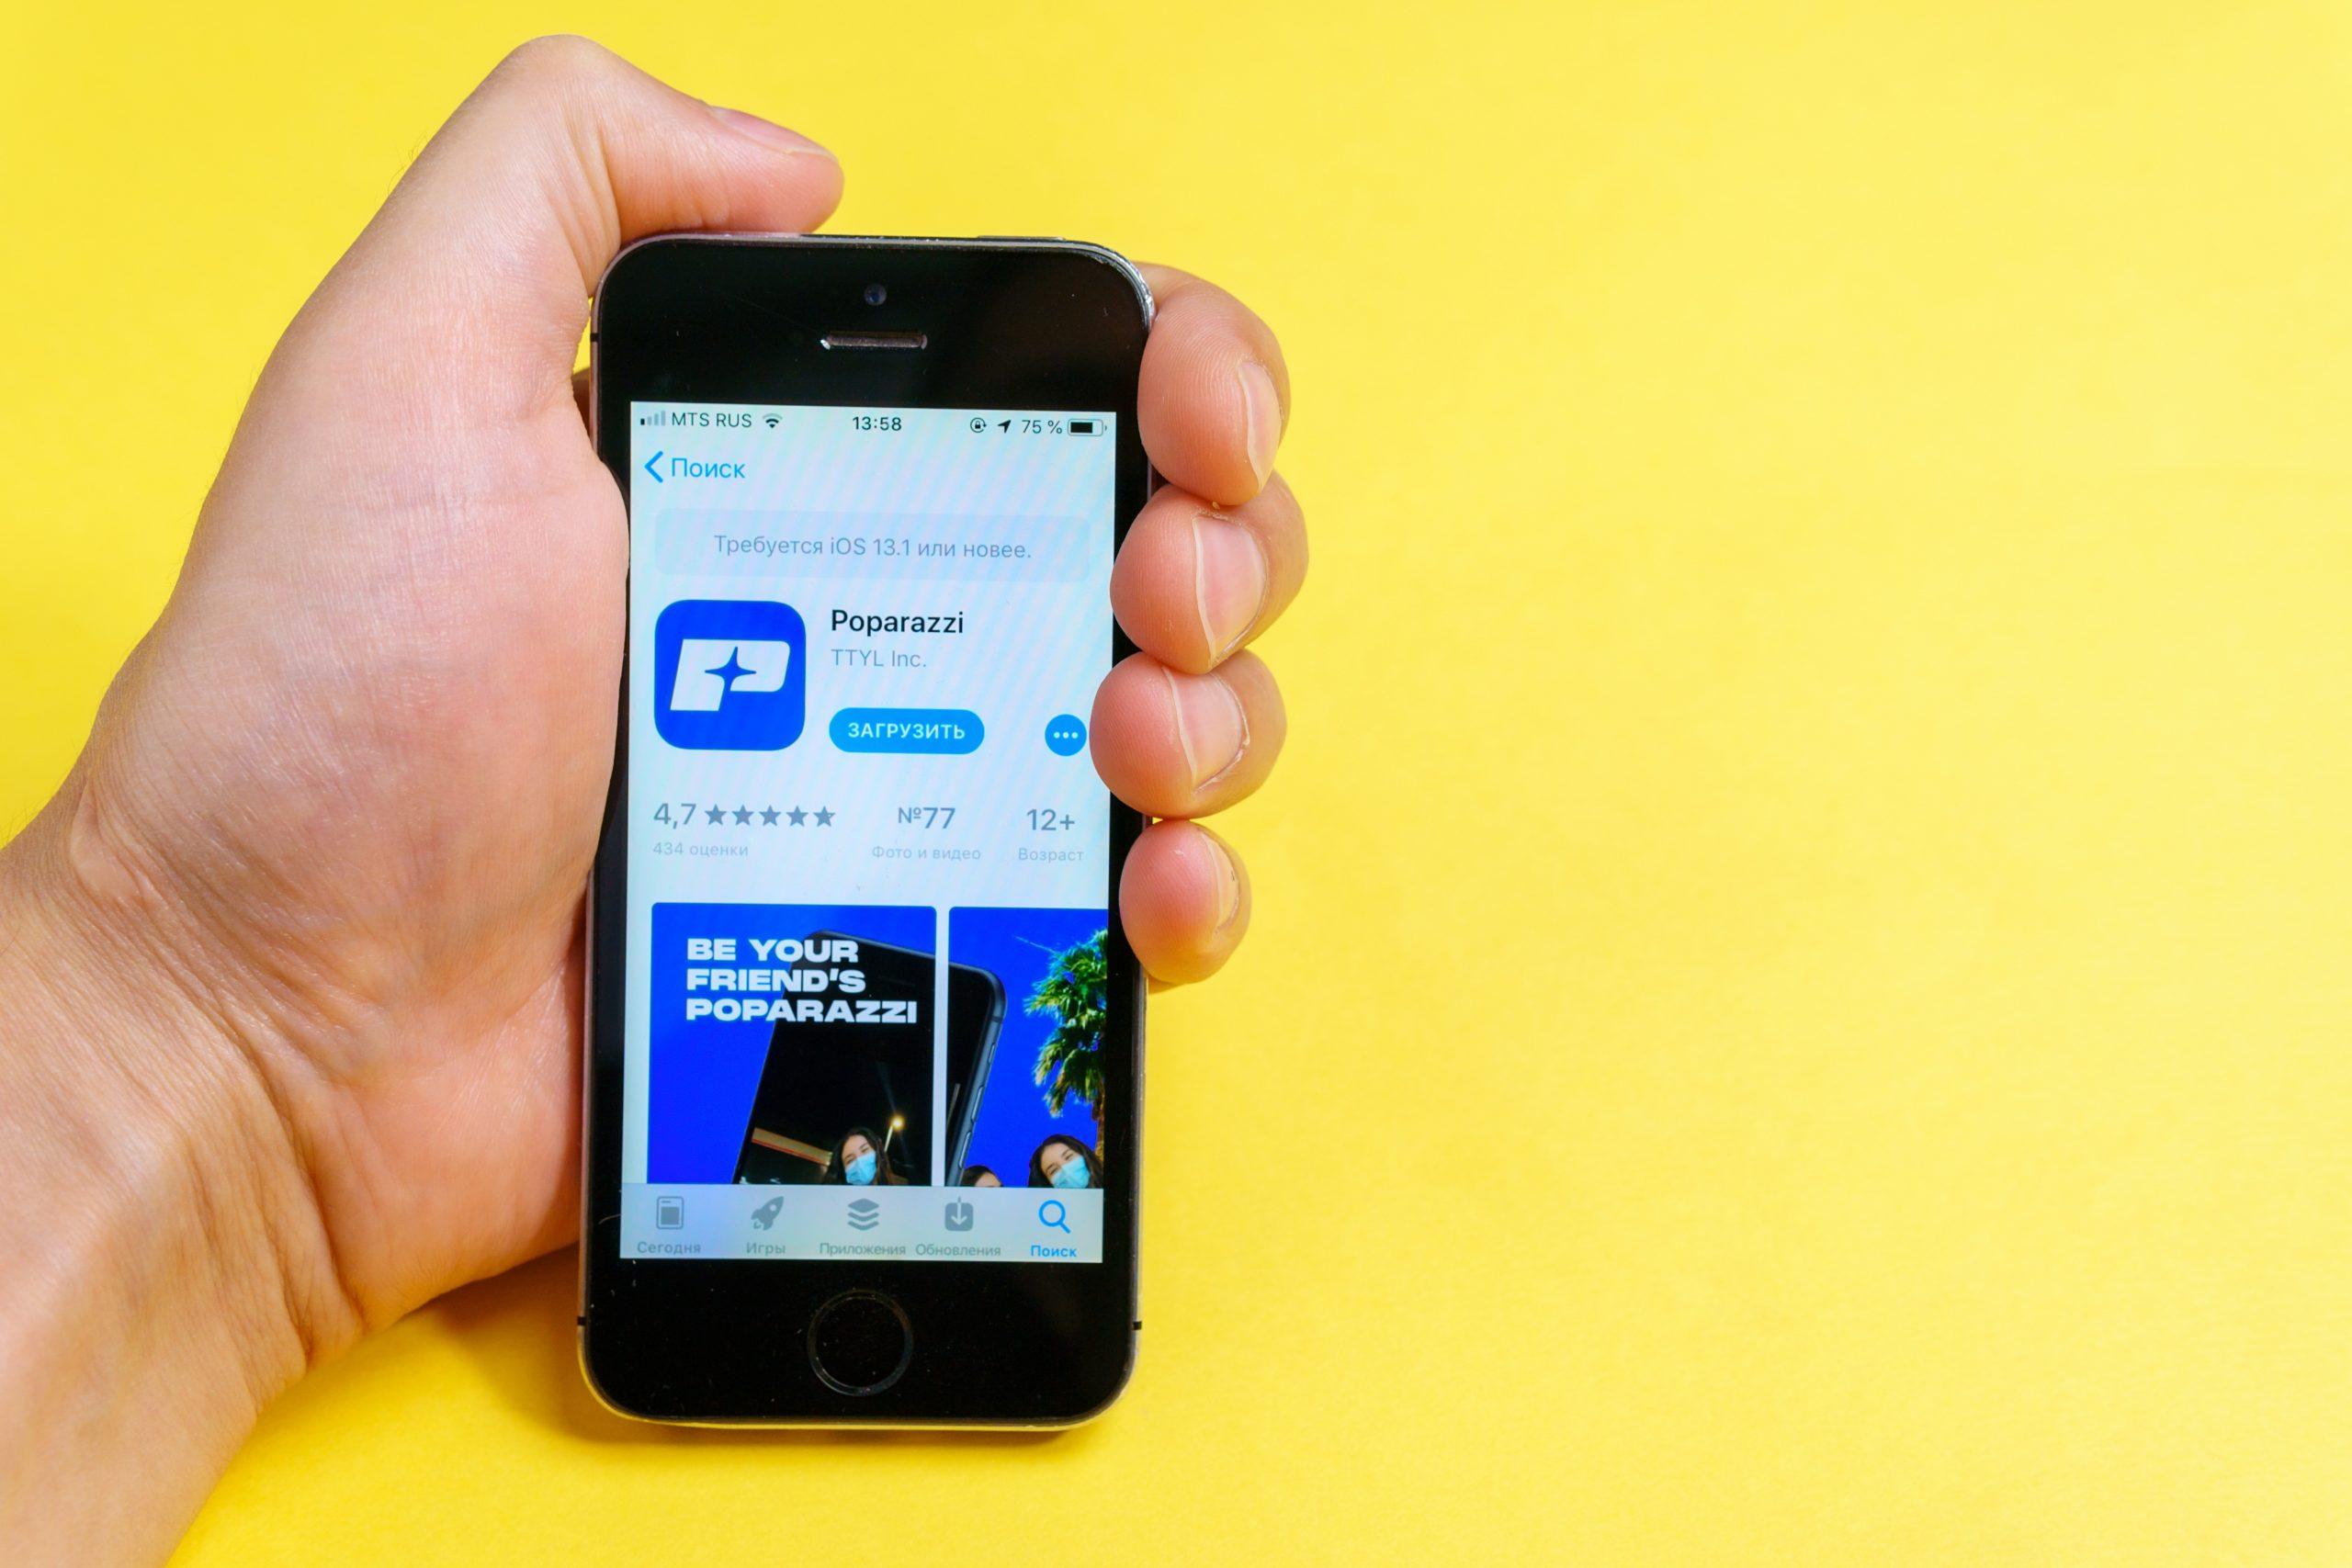 Die App Poparazzi: Wo ist der Datenschutz geblieben?